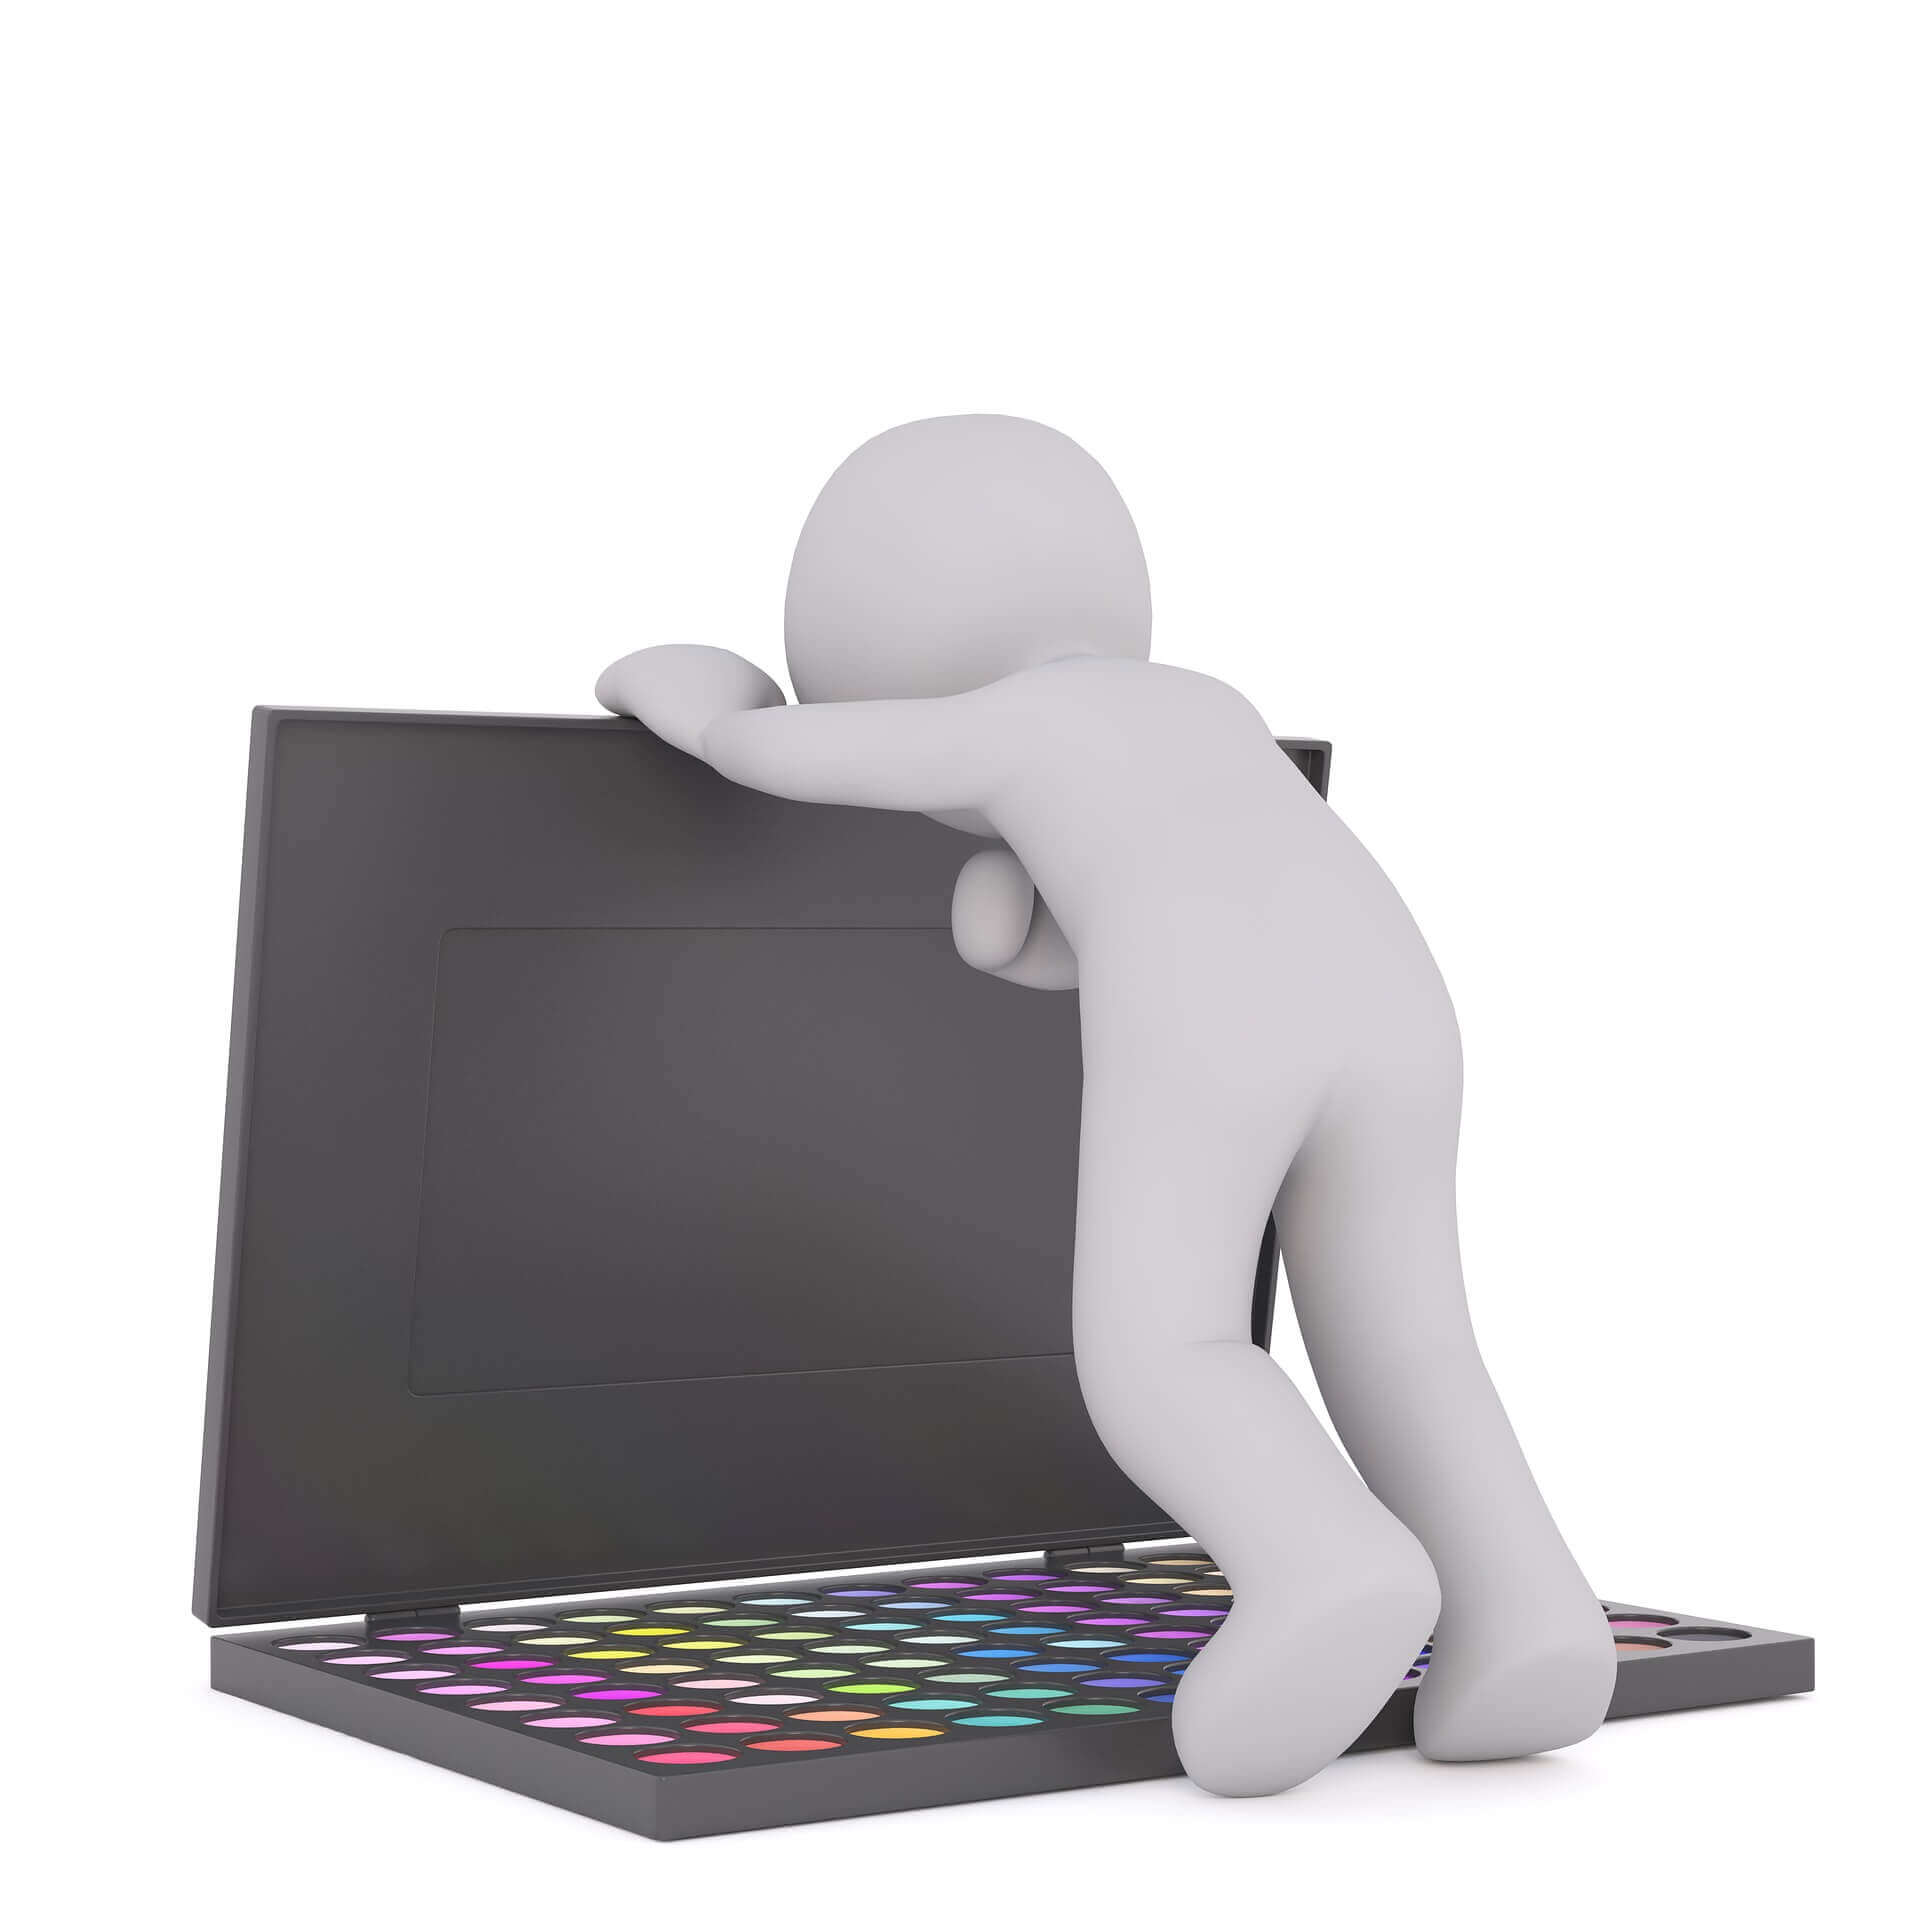 Student preparing for online tutoring